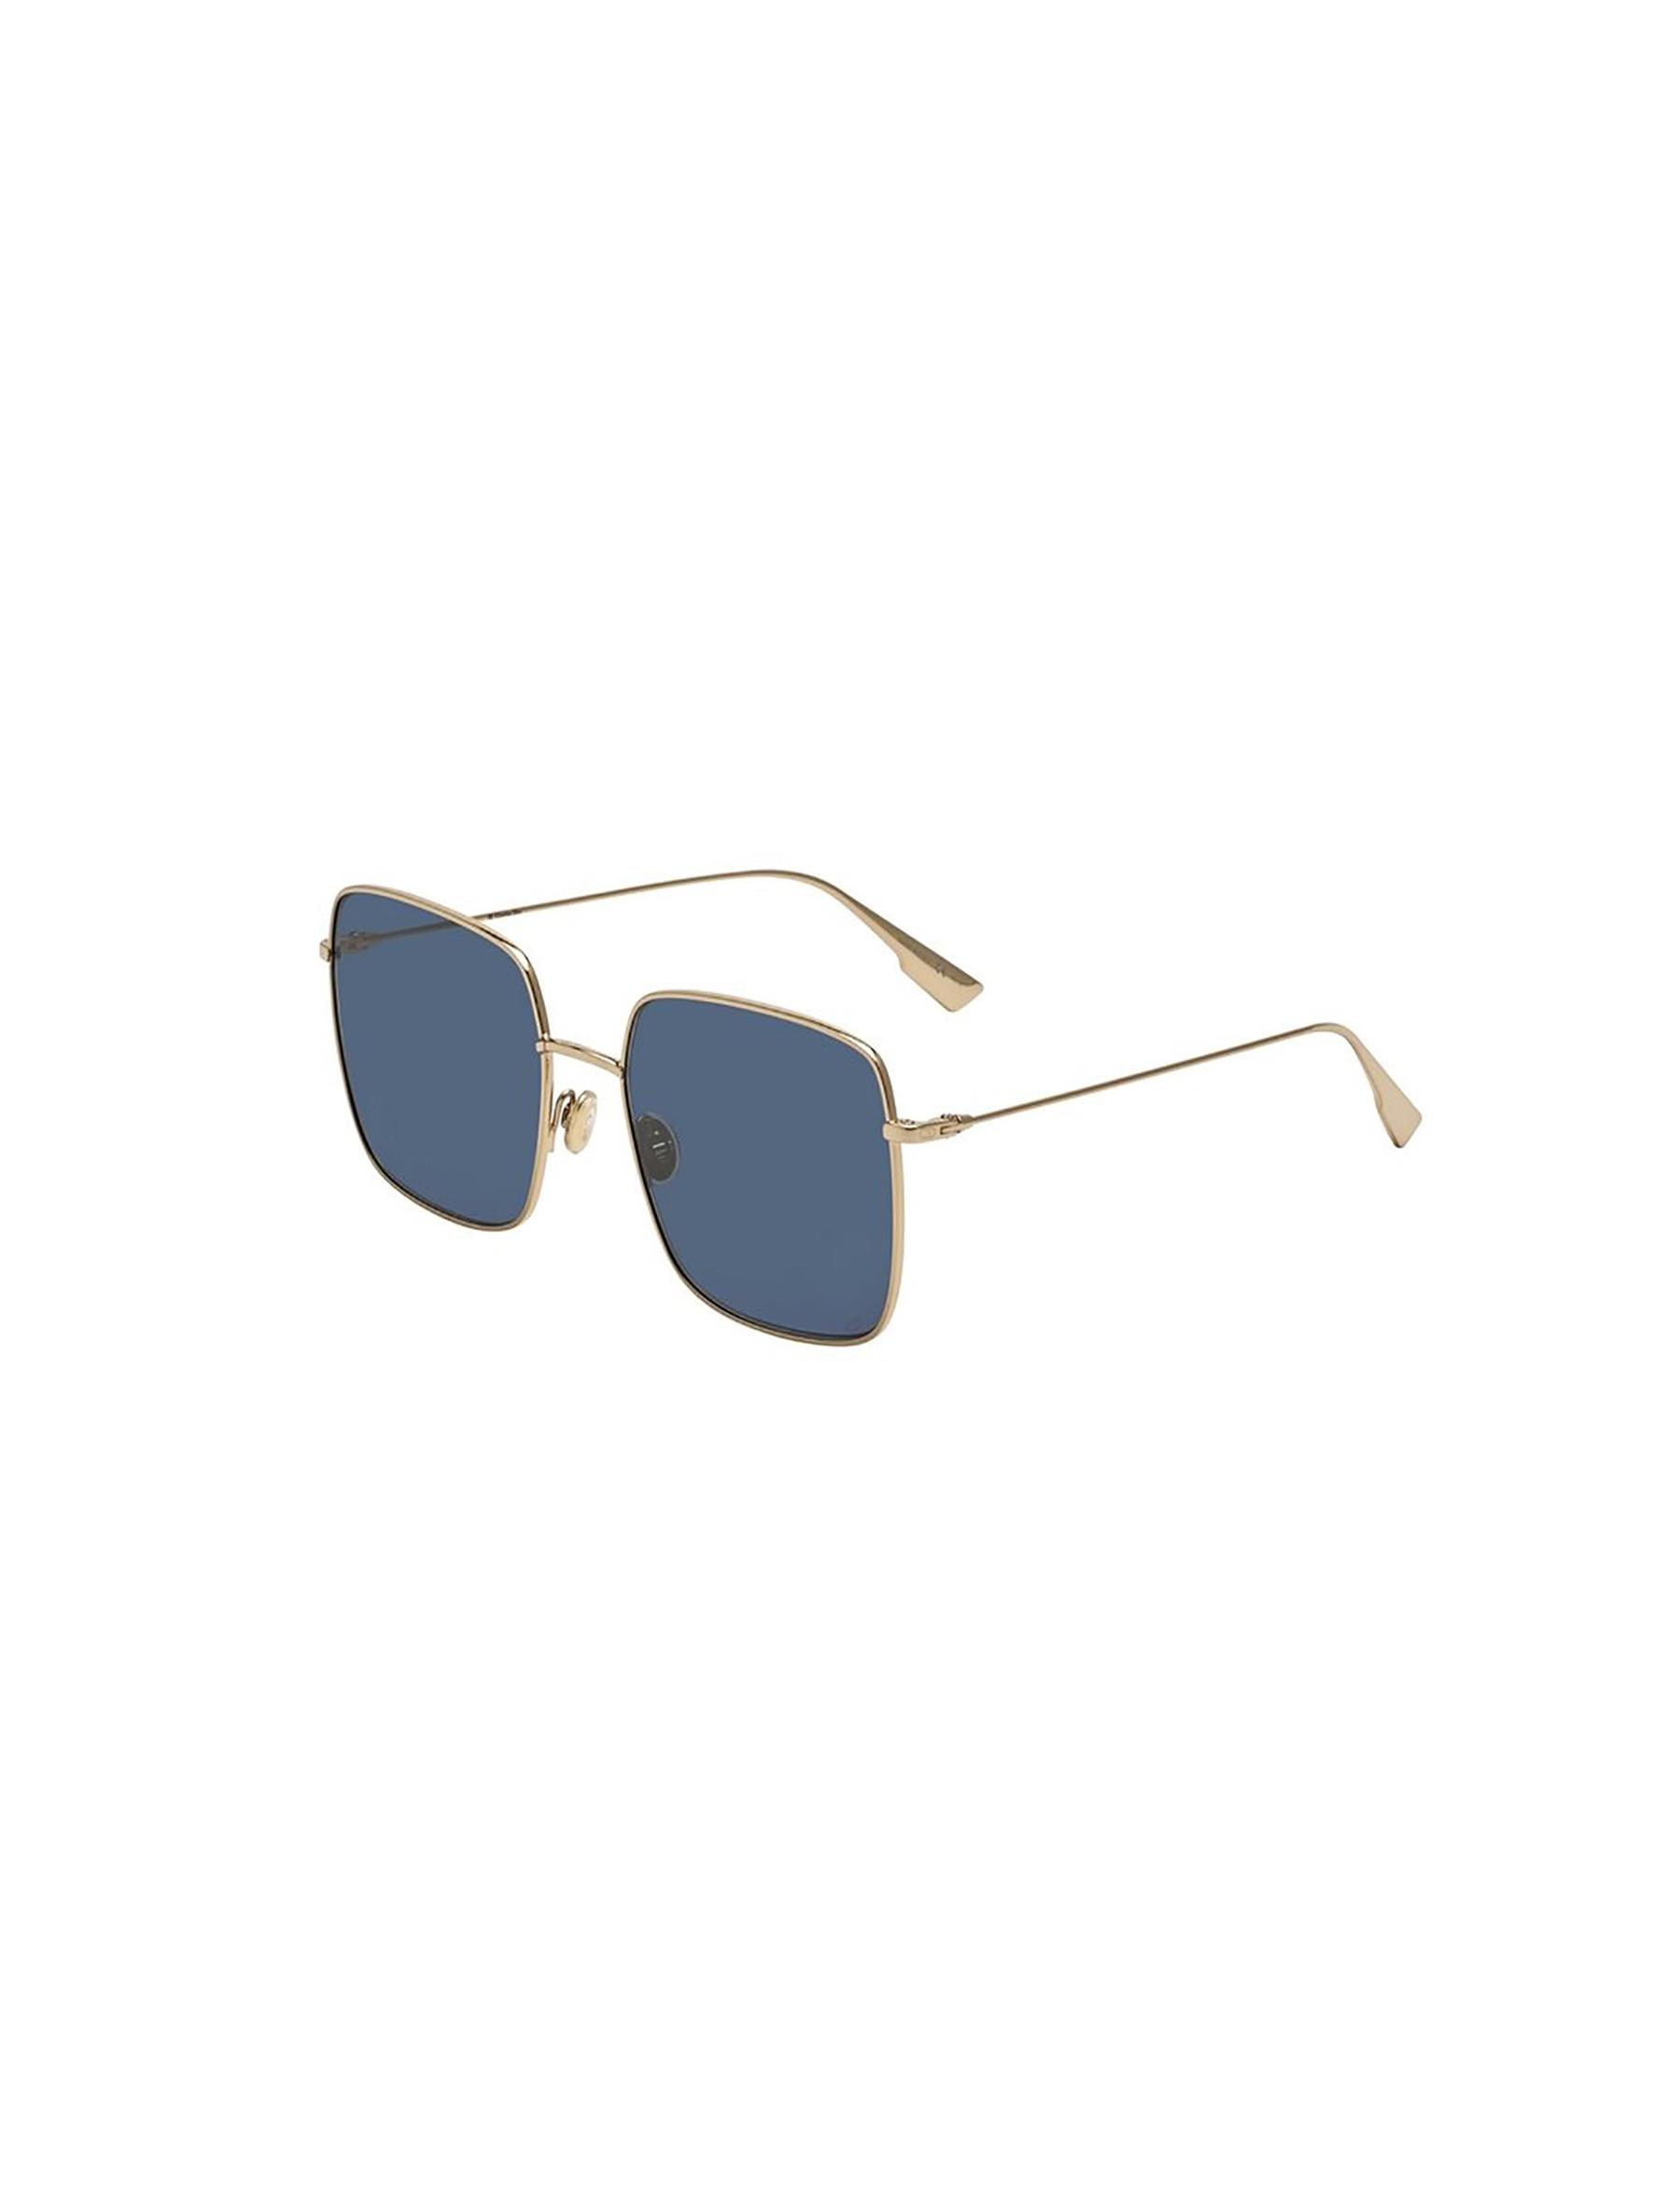 Christian Dior Square Women's Sunglasses